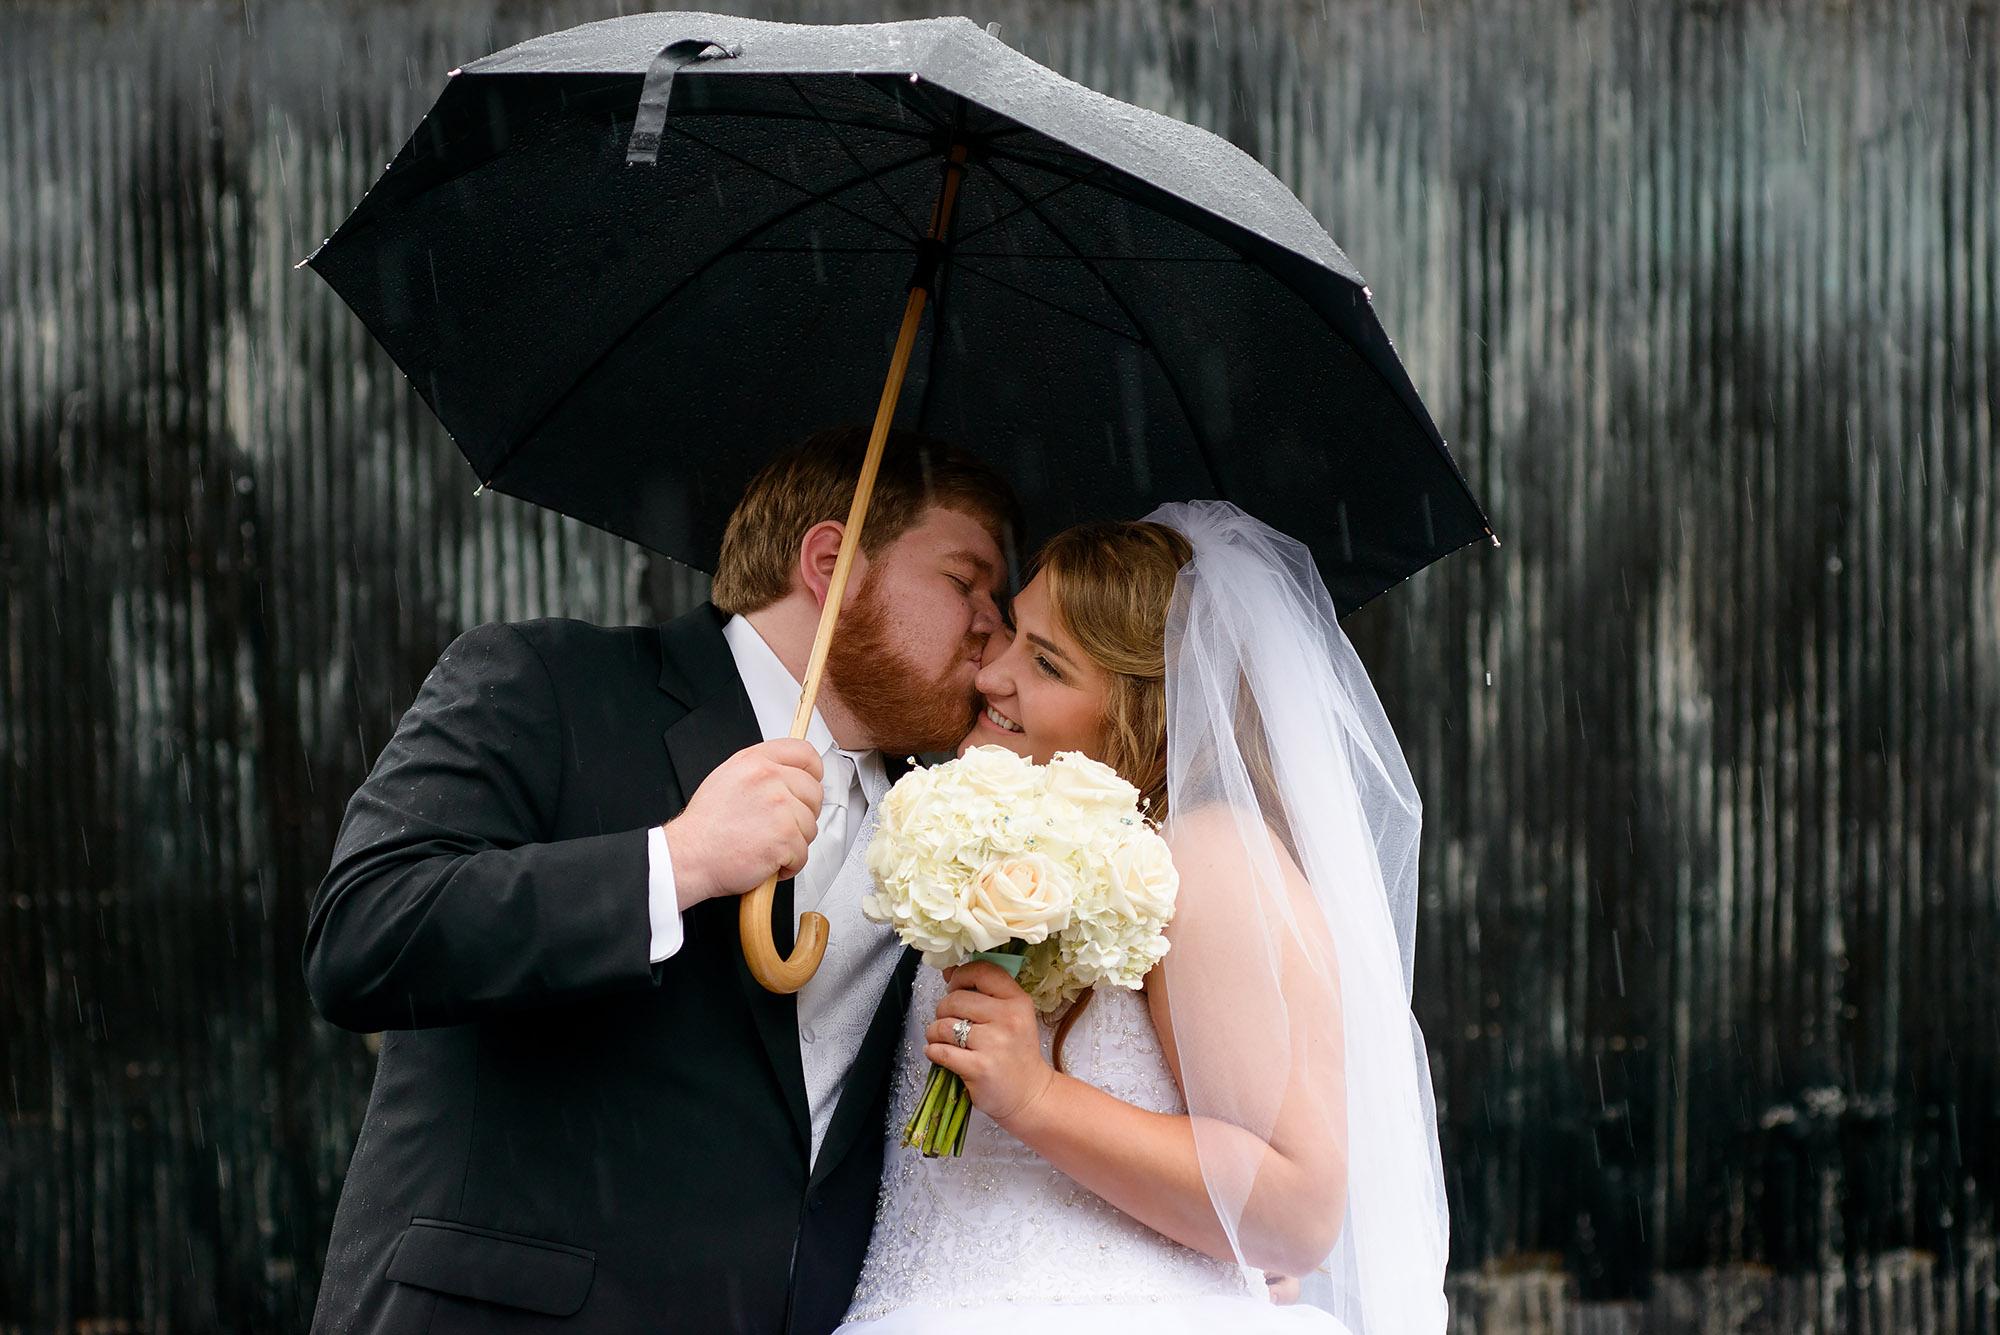 Matt and Ruth | Wedding and Reception at Stonewall Manor